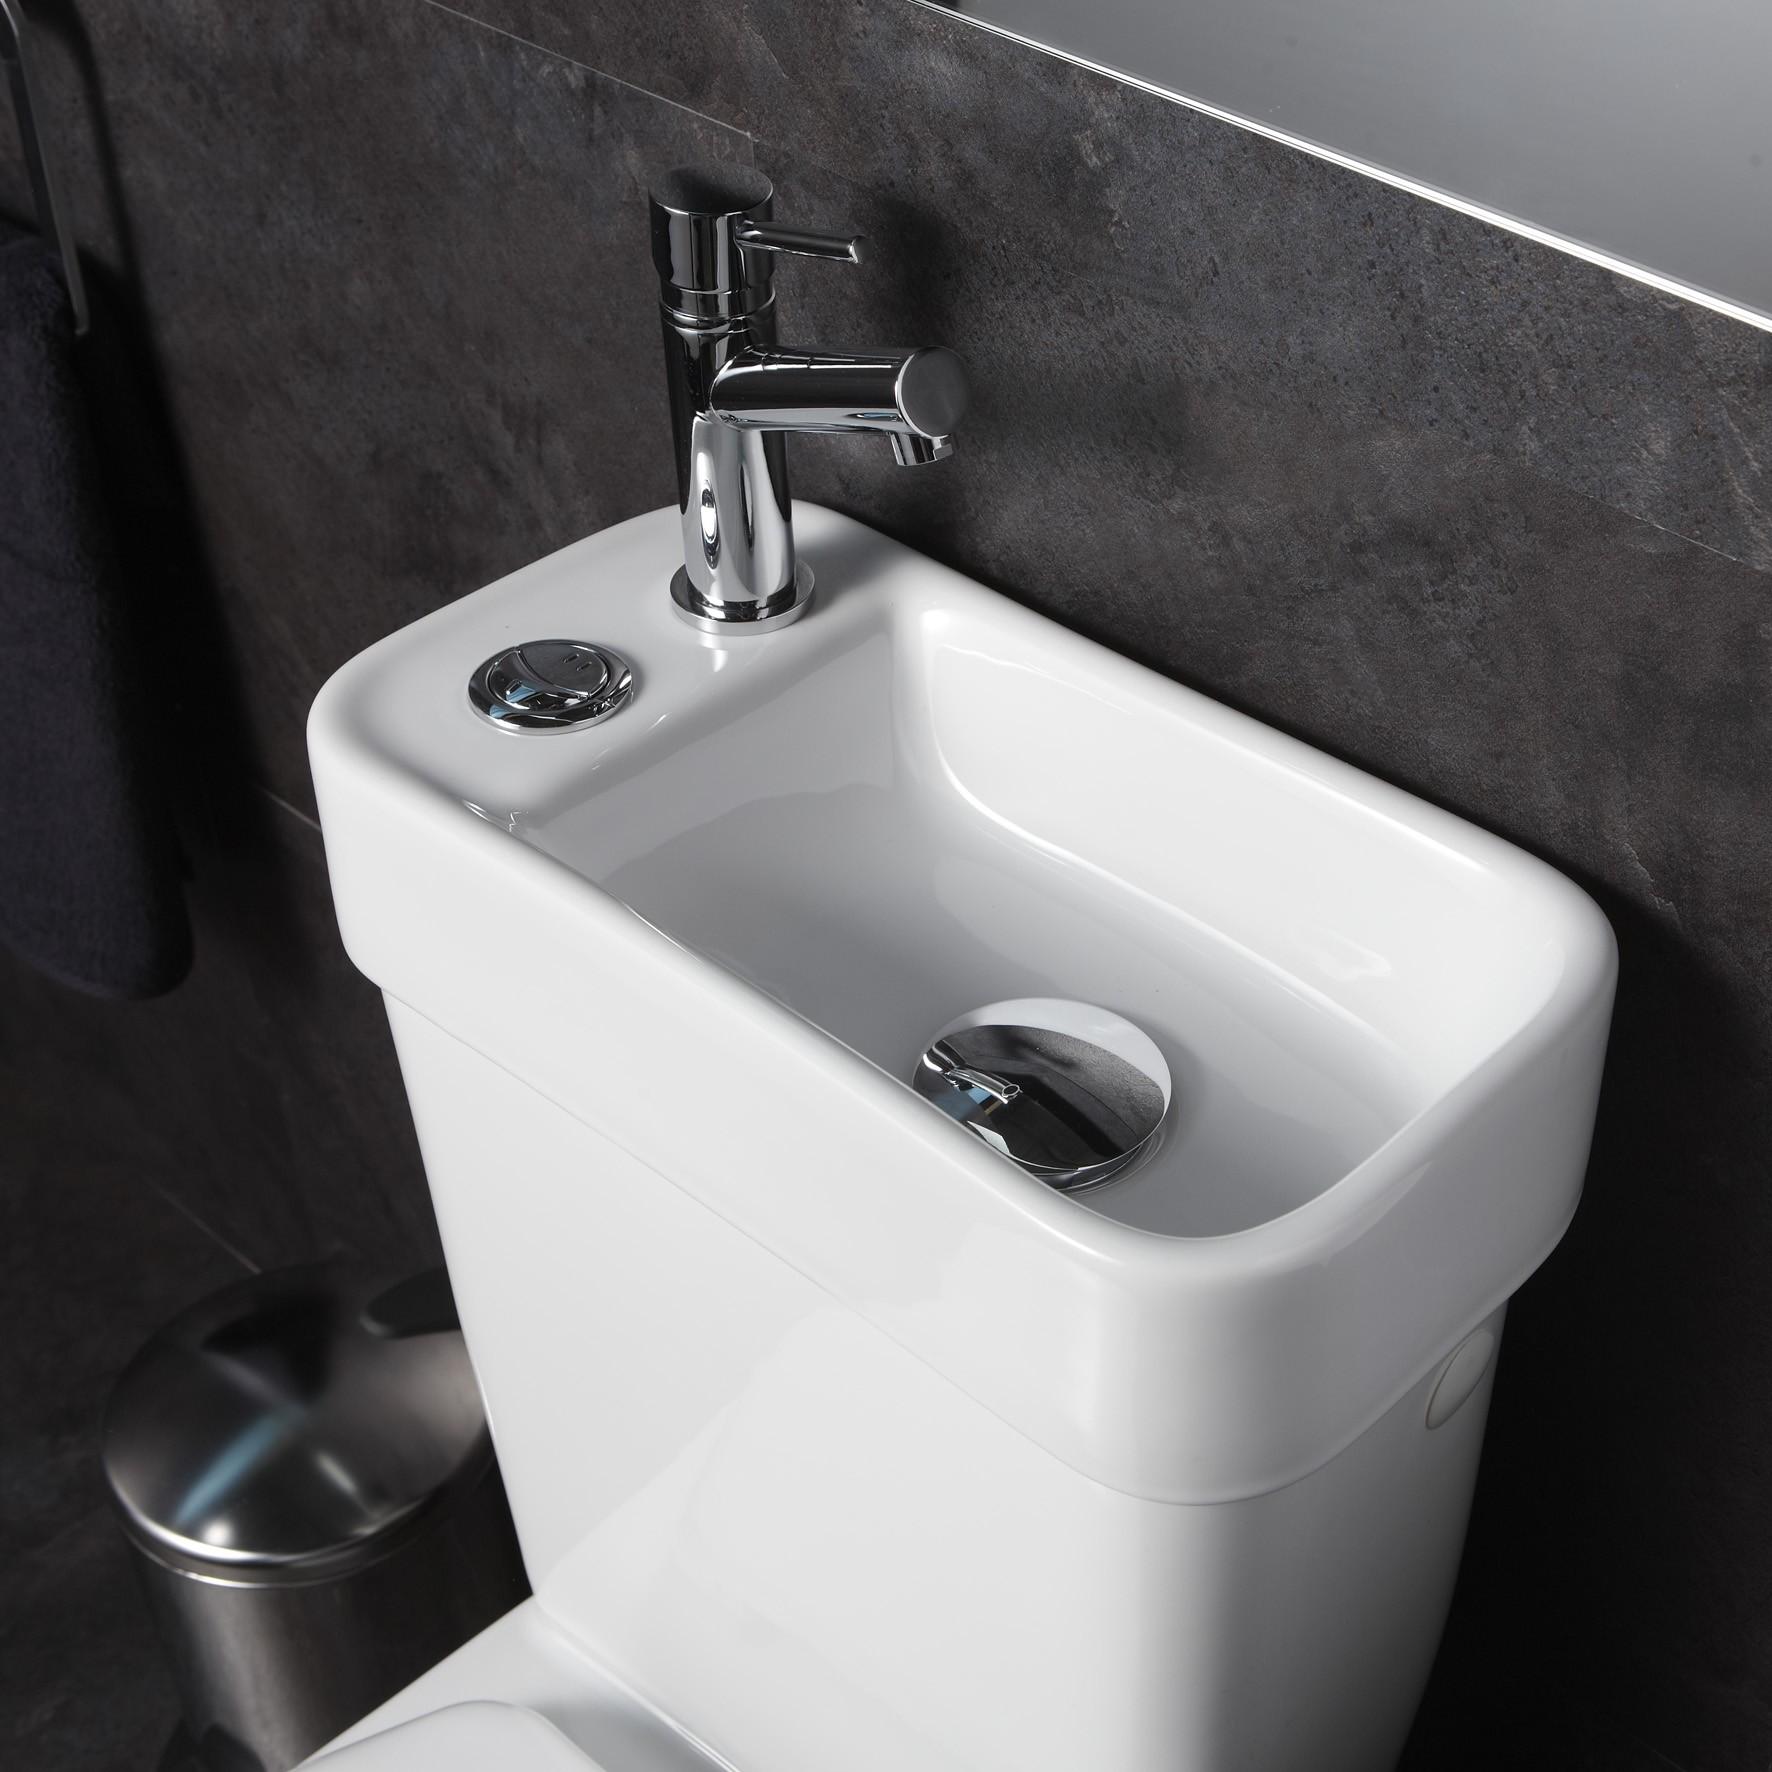 Le Plan D Un Wc Avec Lave Mains Photo Ed Le Moniteur D